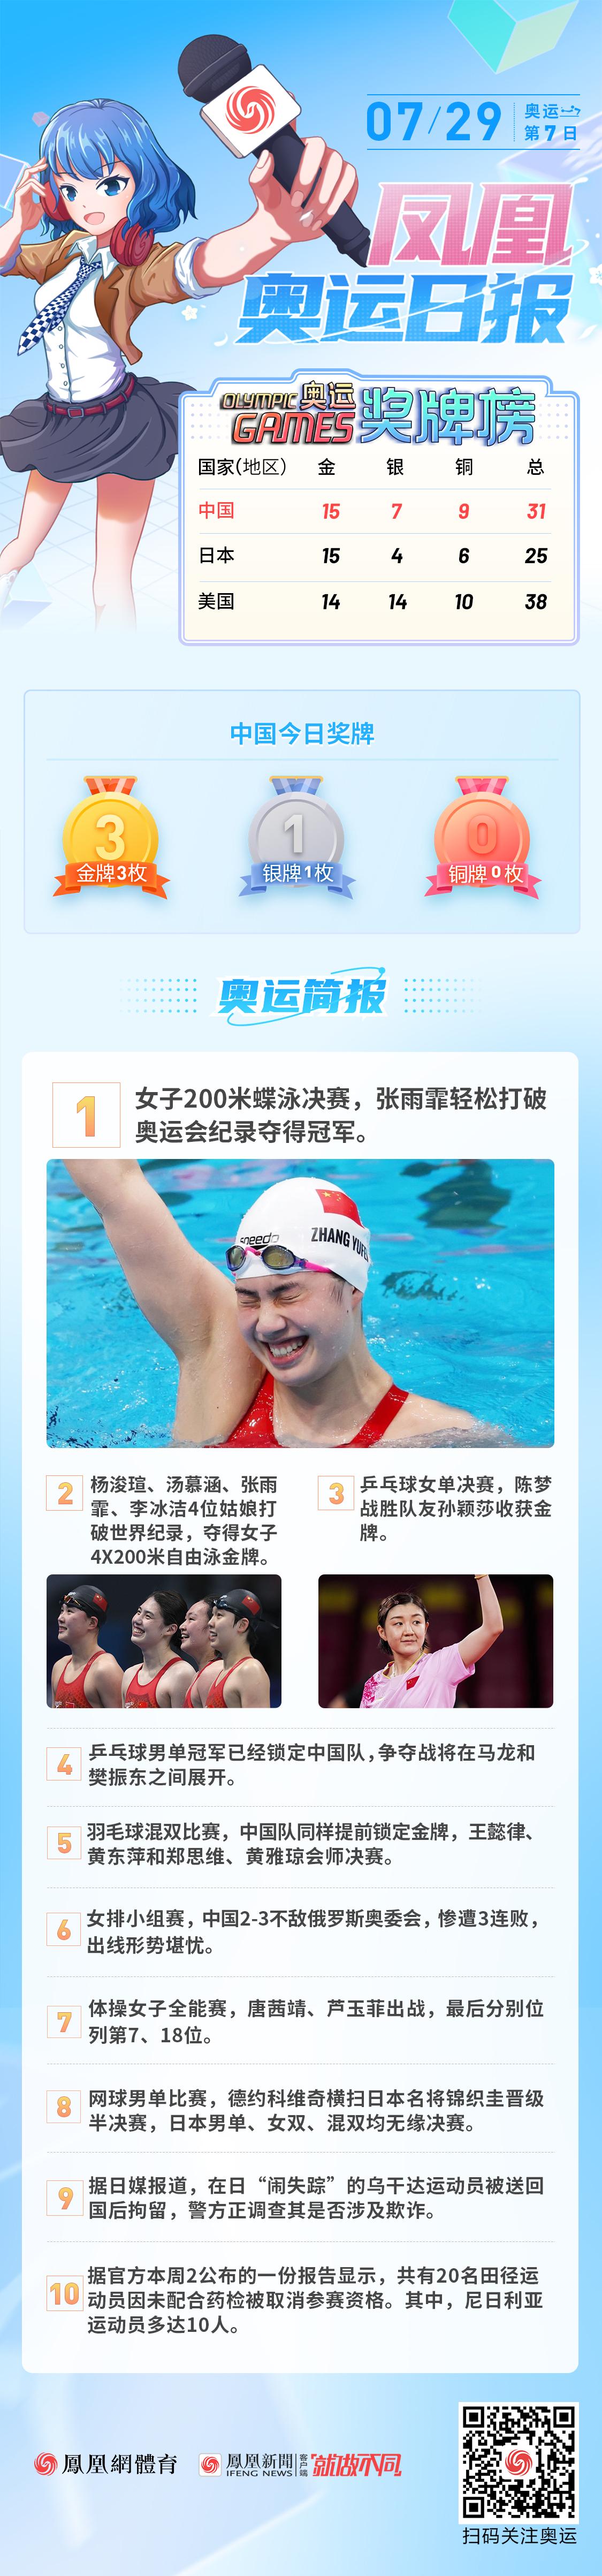 7月29日奥运日报:中国收获3金1银 国乒女单包揽冠亚军